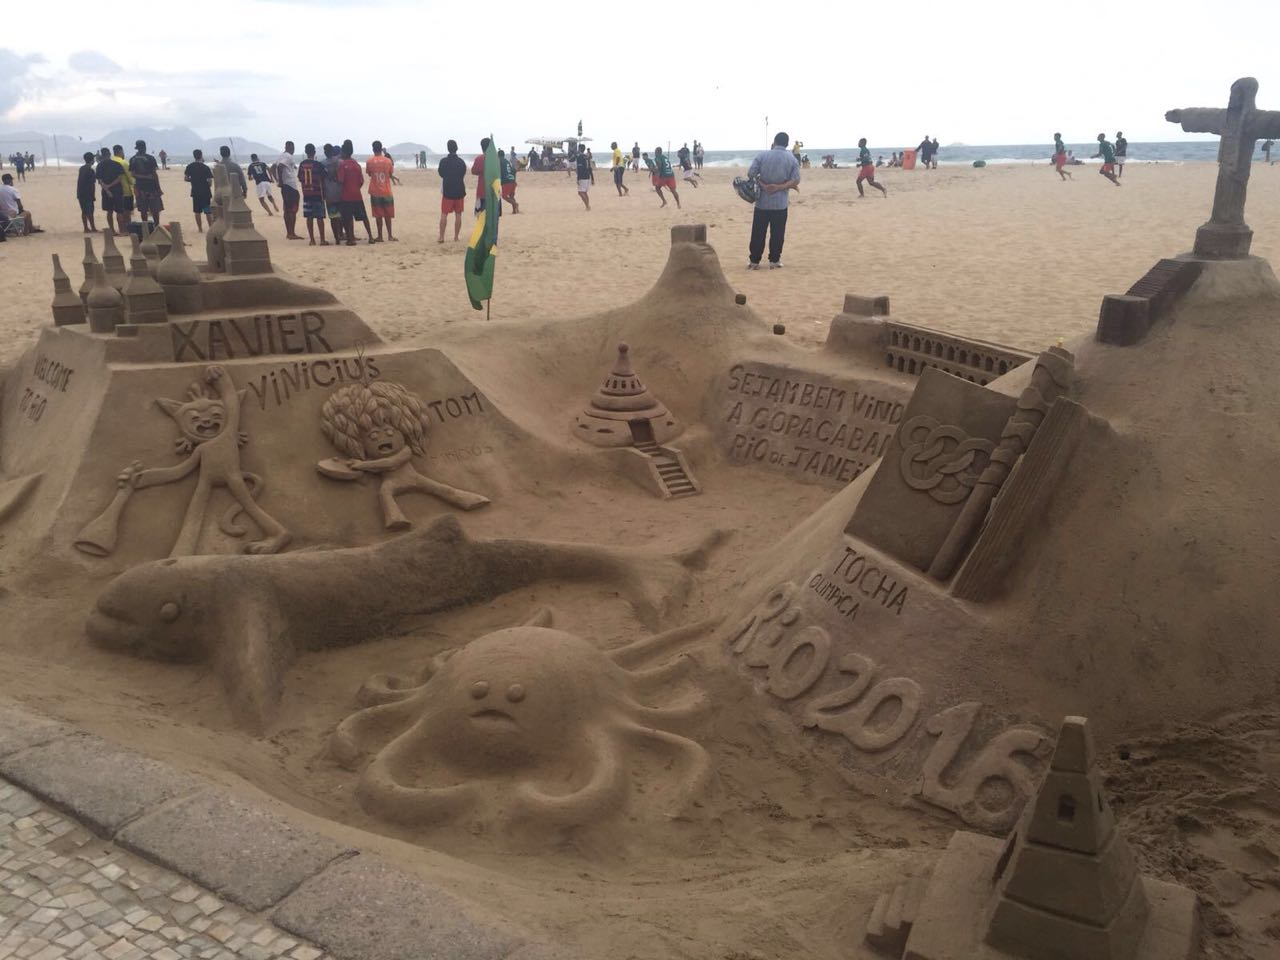 Beachfront scenes